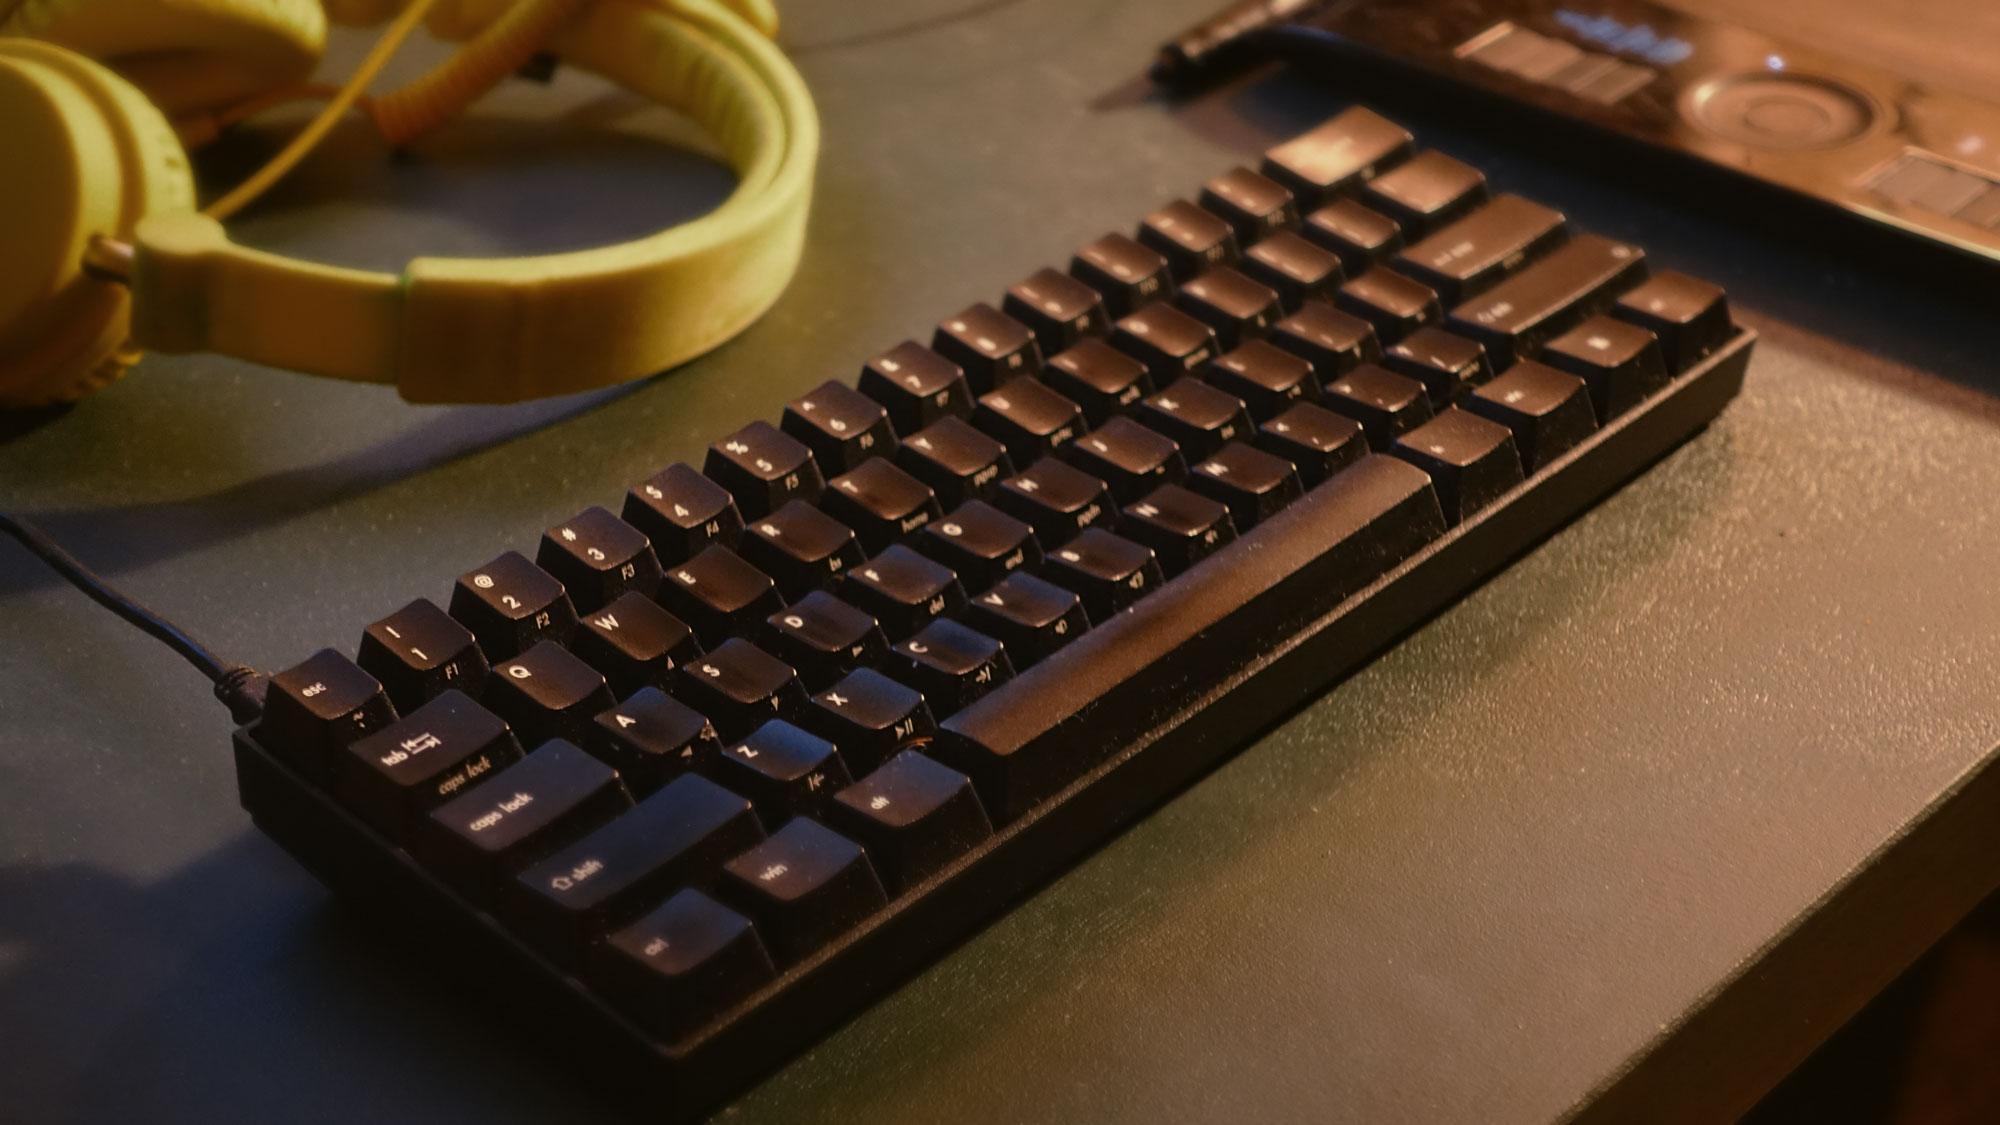 v60-keyboard